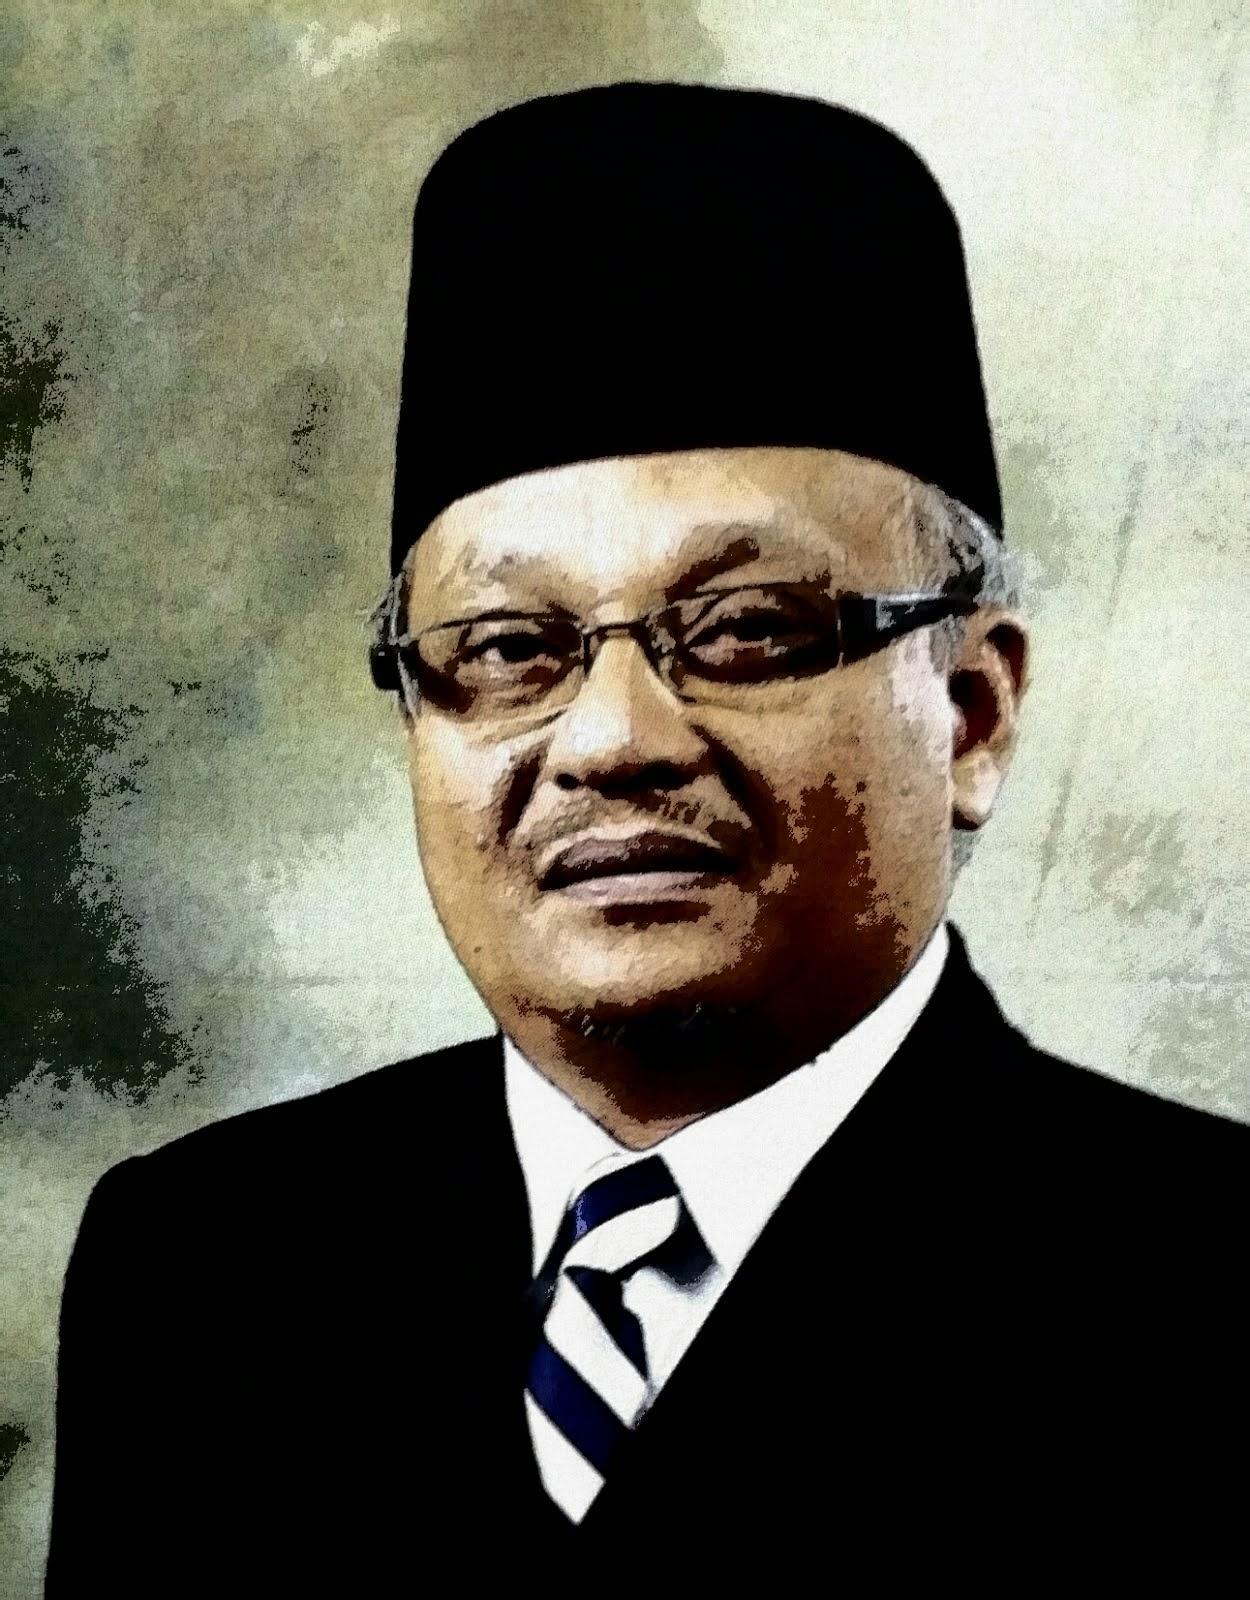 Dato' Hj Abdul Rahman b. Hj Ismail